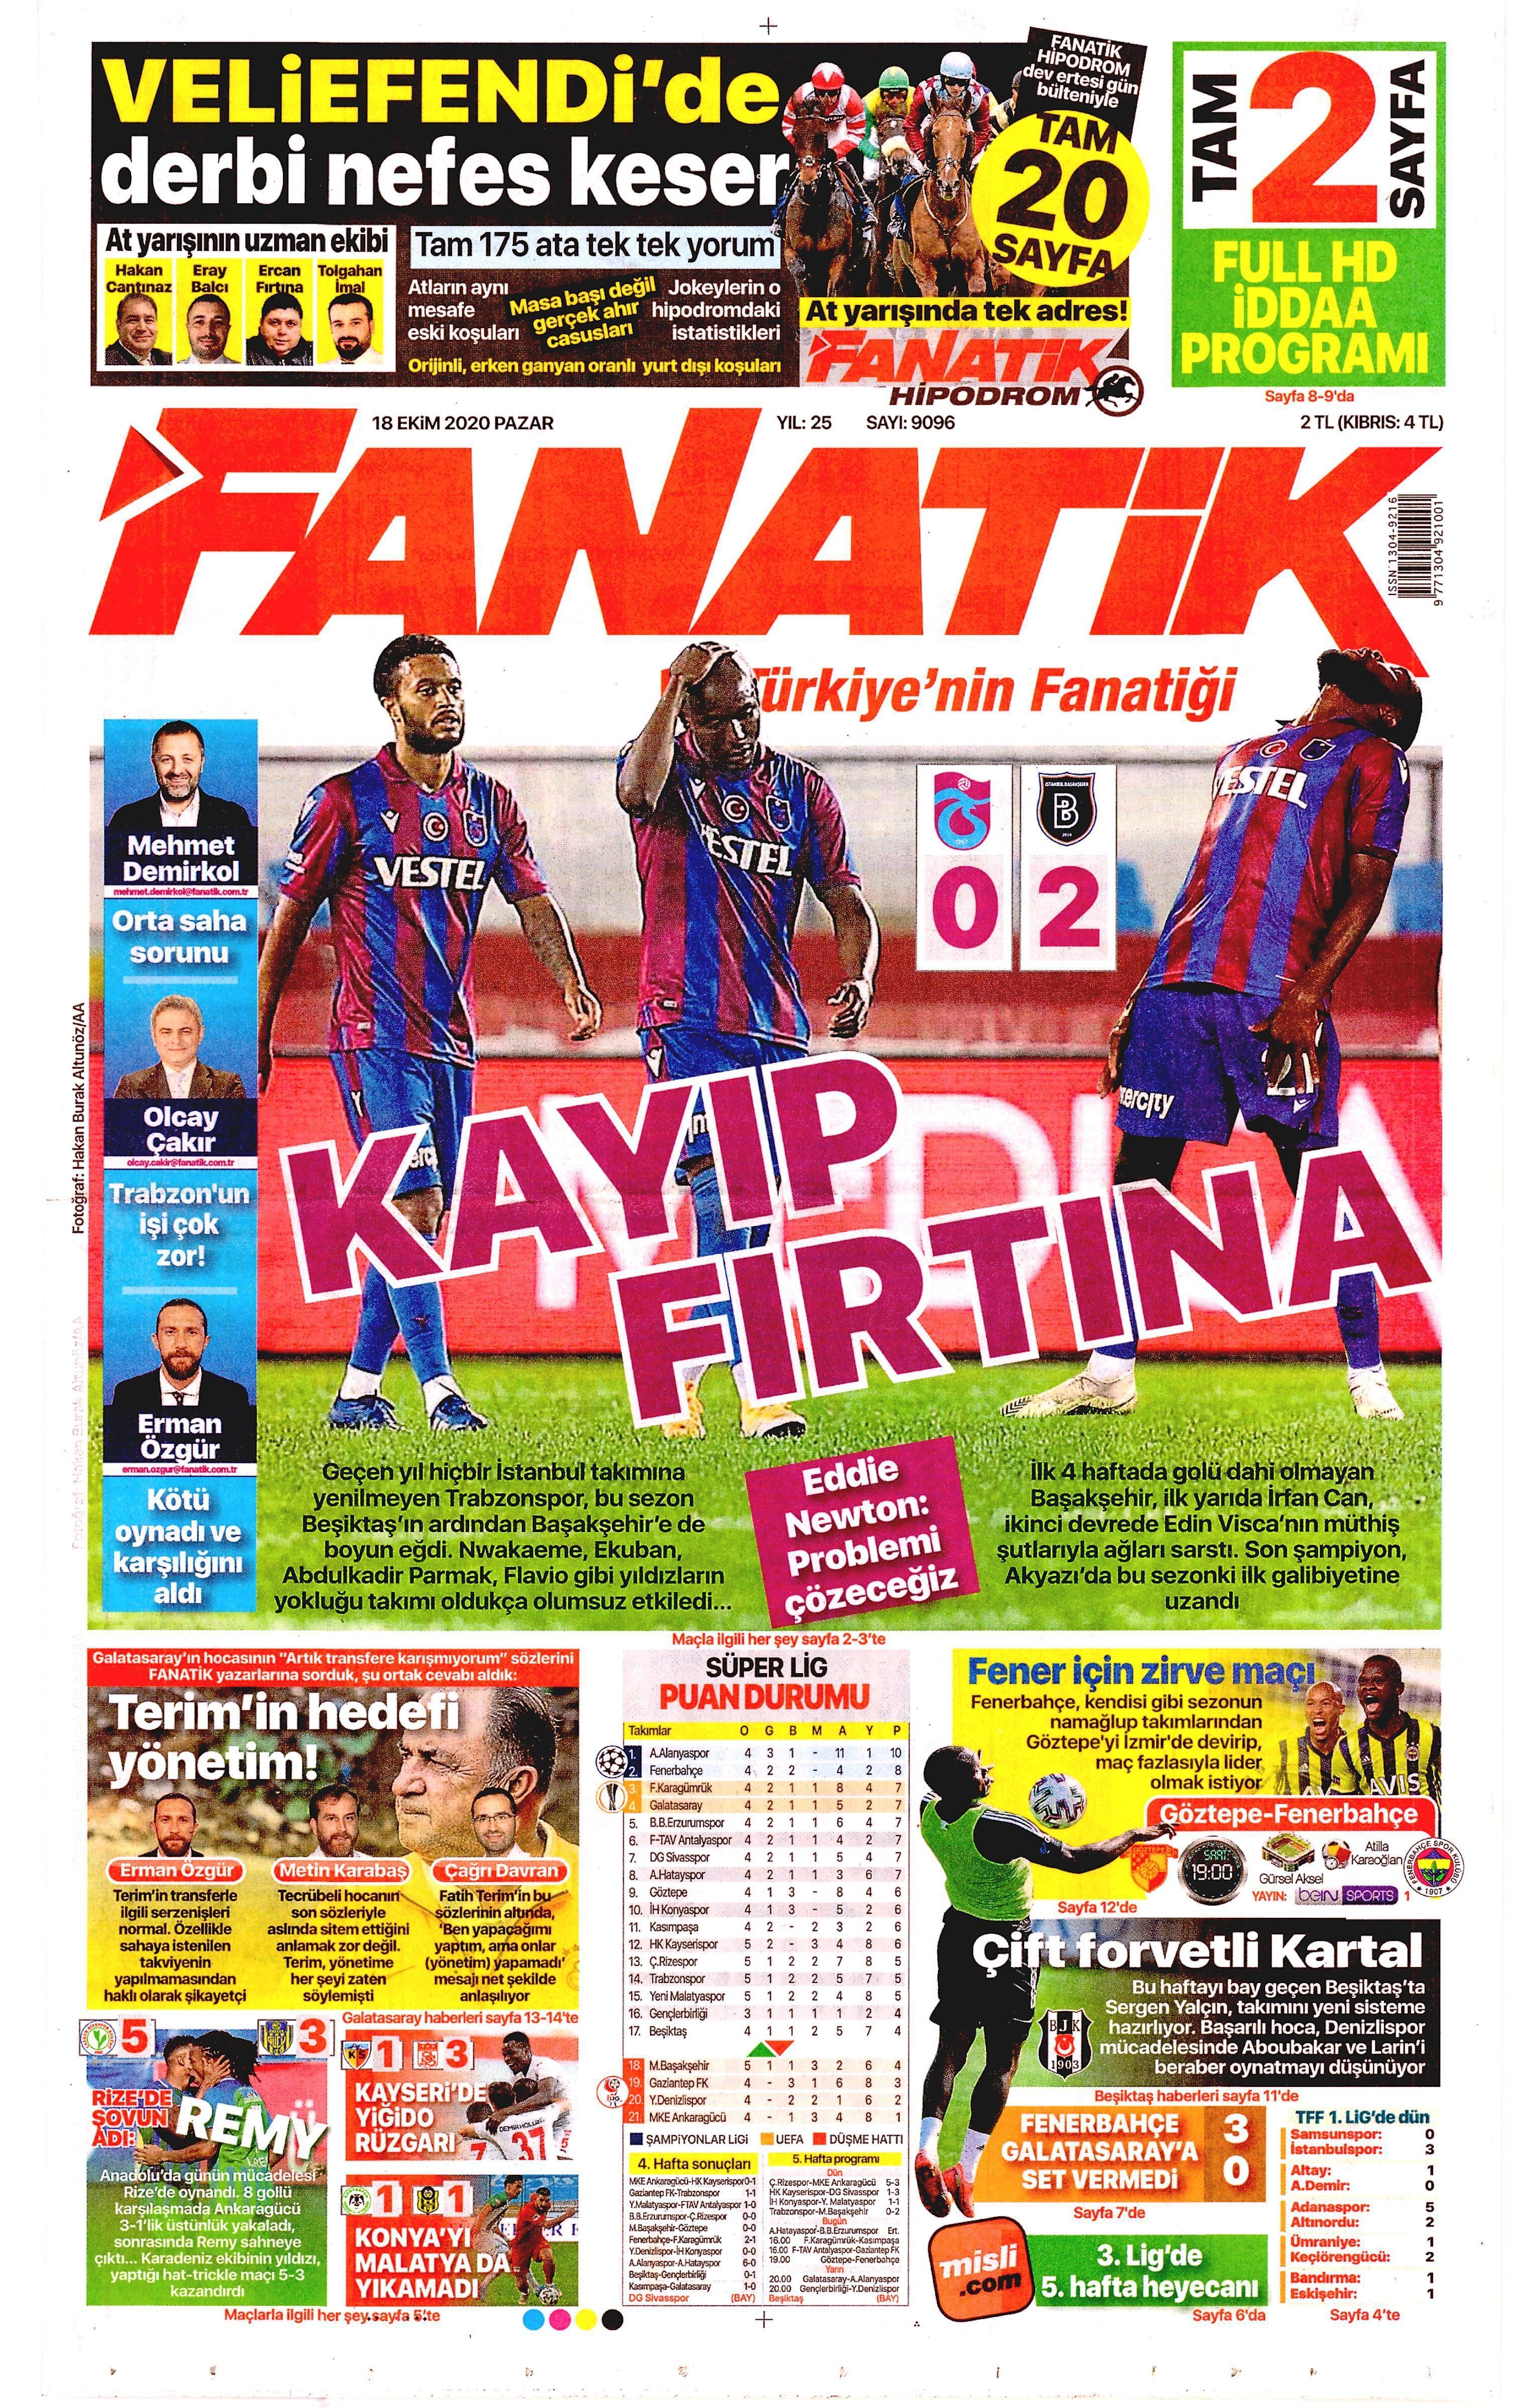 Fanatik 1.jpg